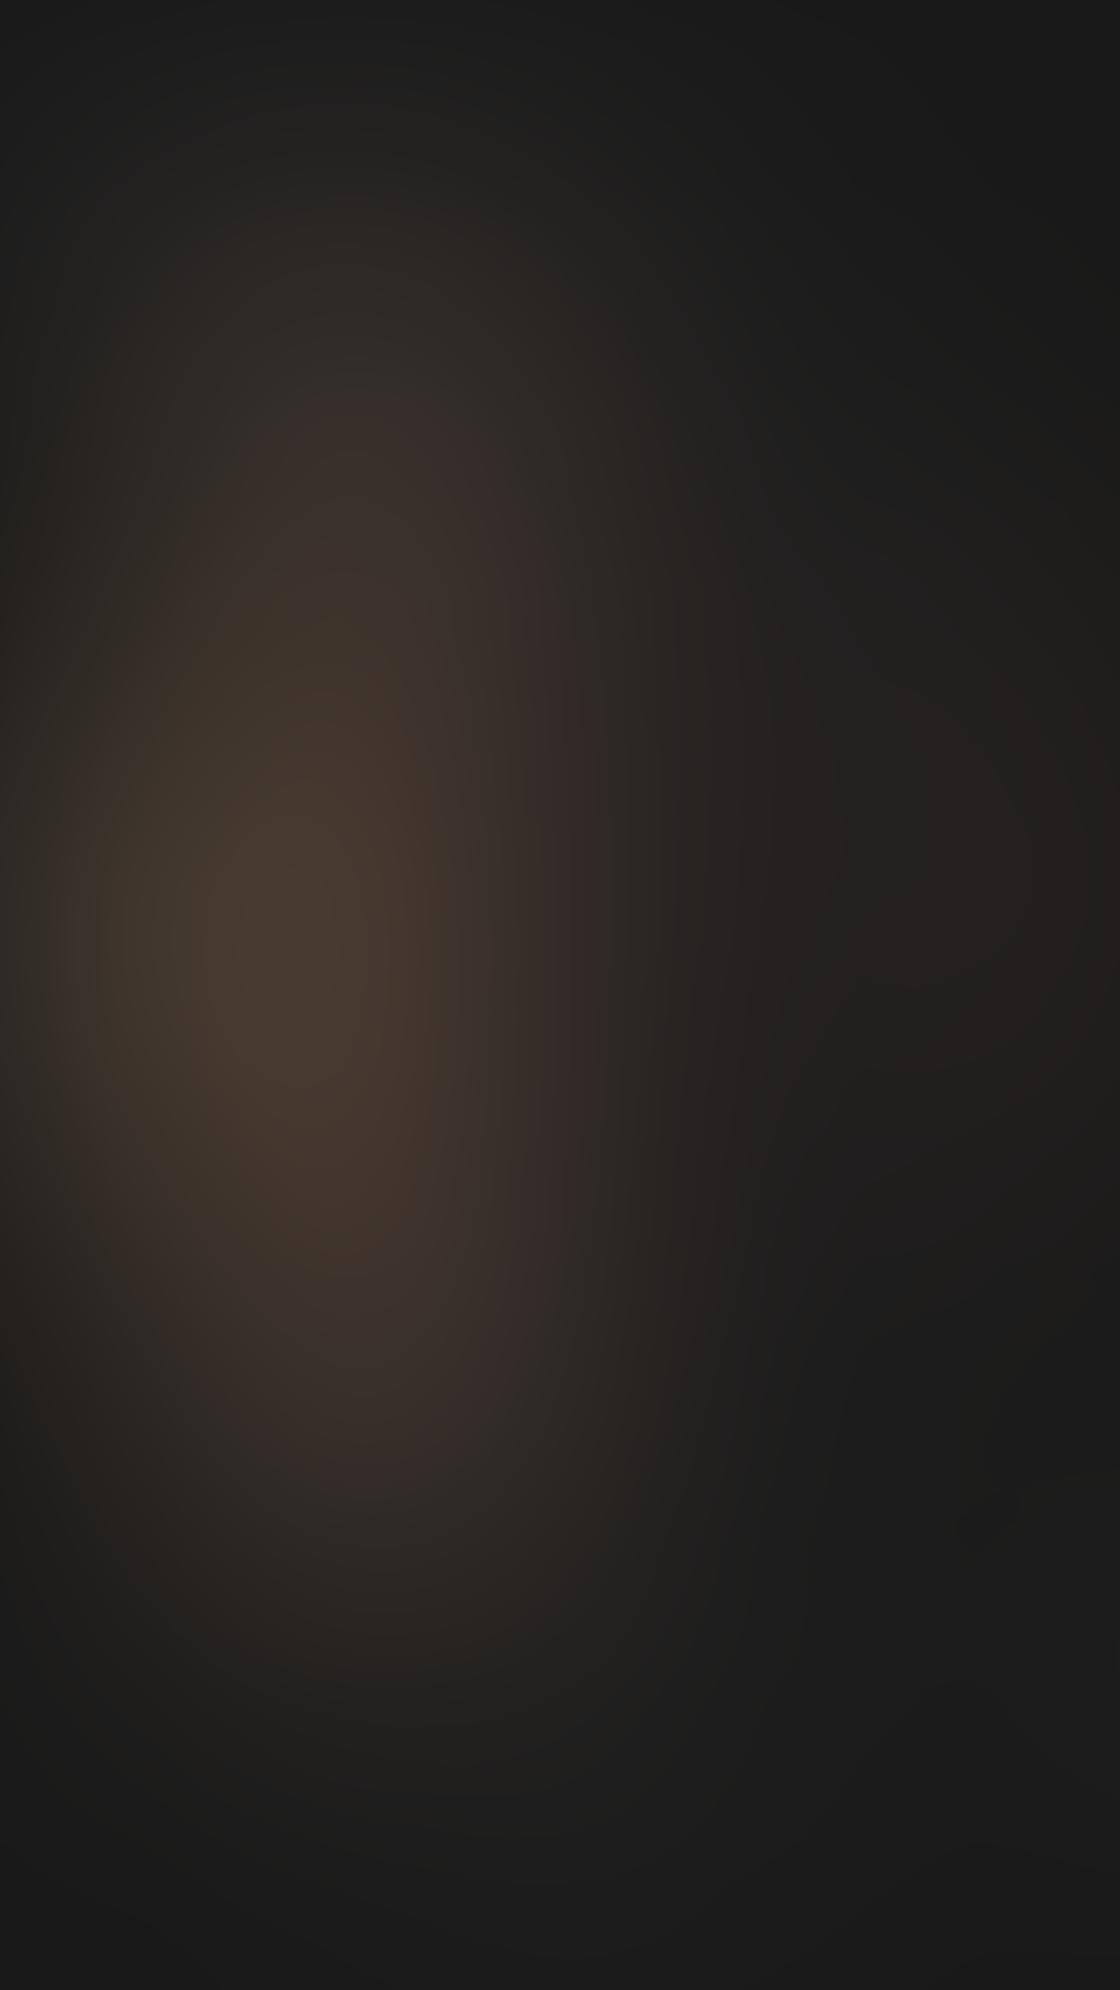 iPhone Lightroom App 14